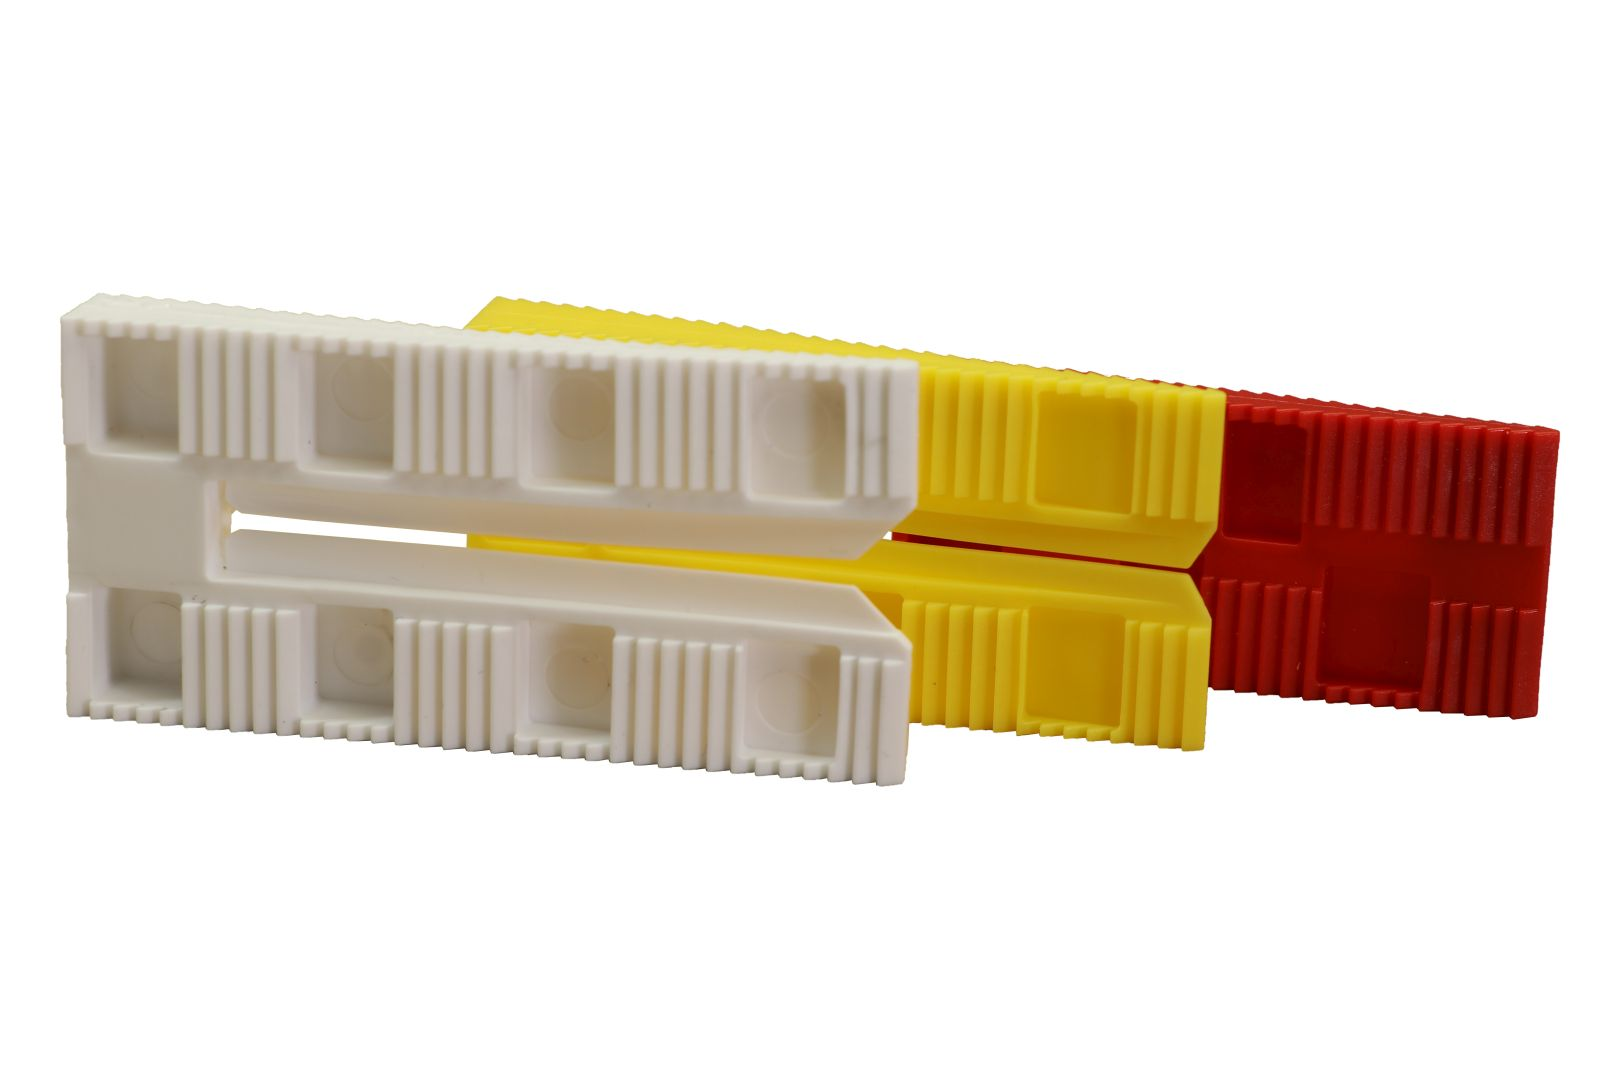 GV-Keile Montagekeile, sortiert in SB-Pack, 16-teilig